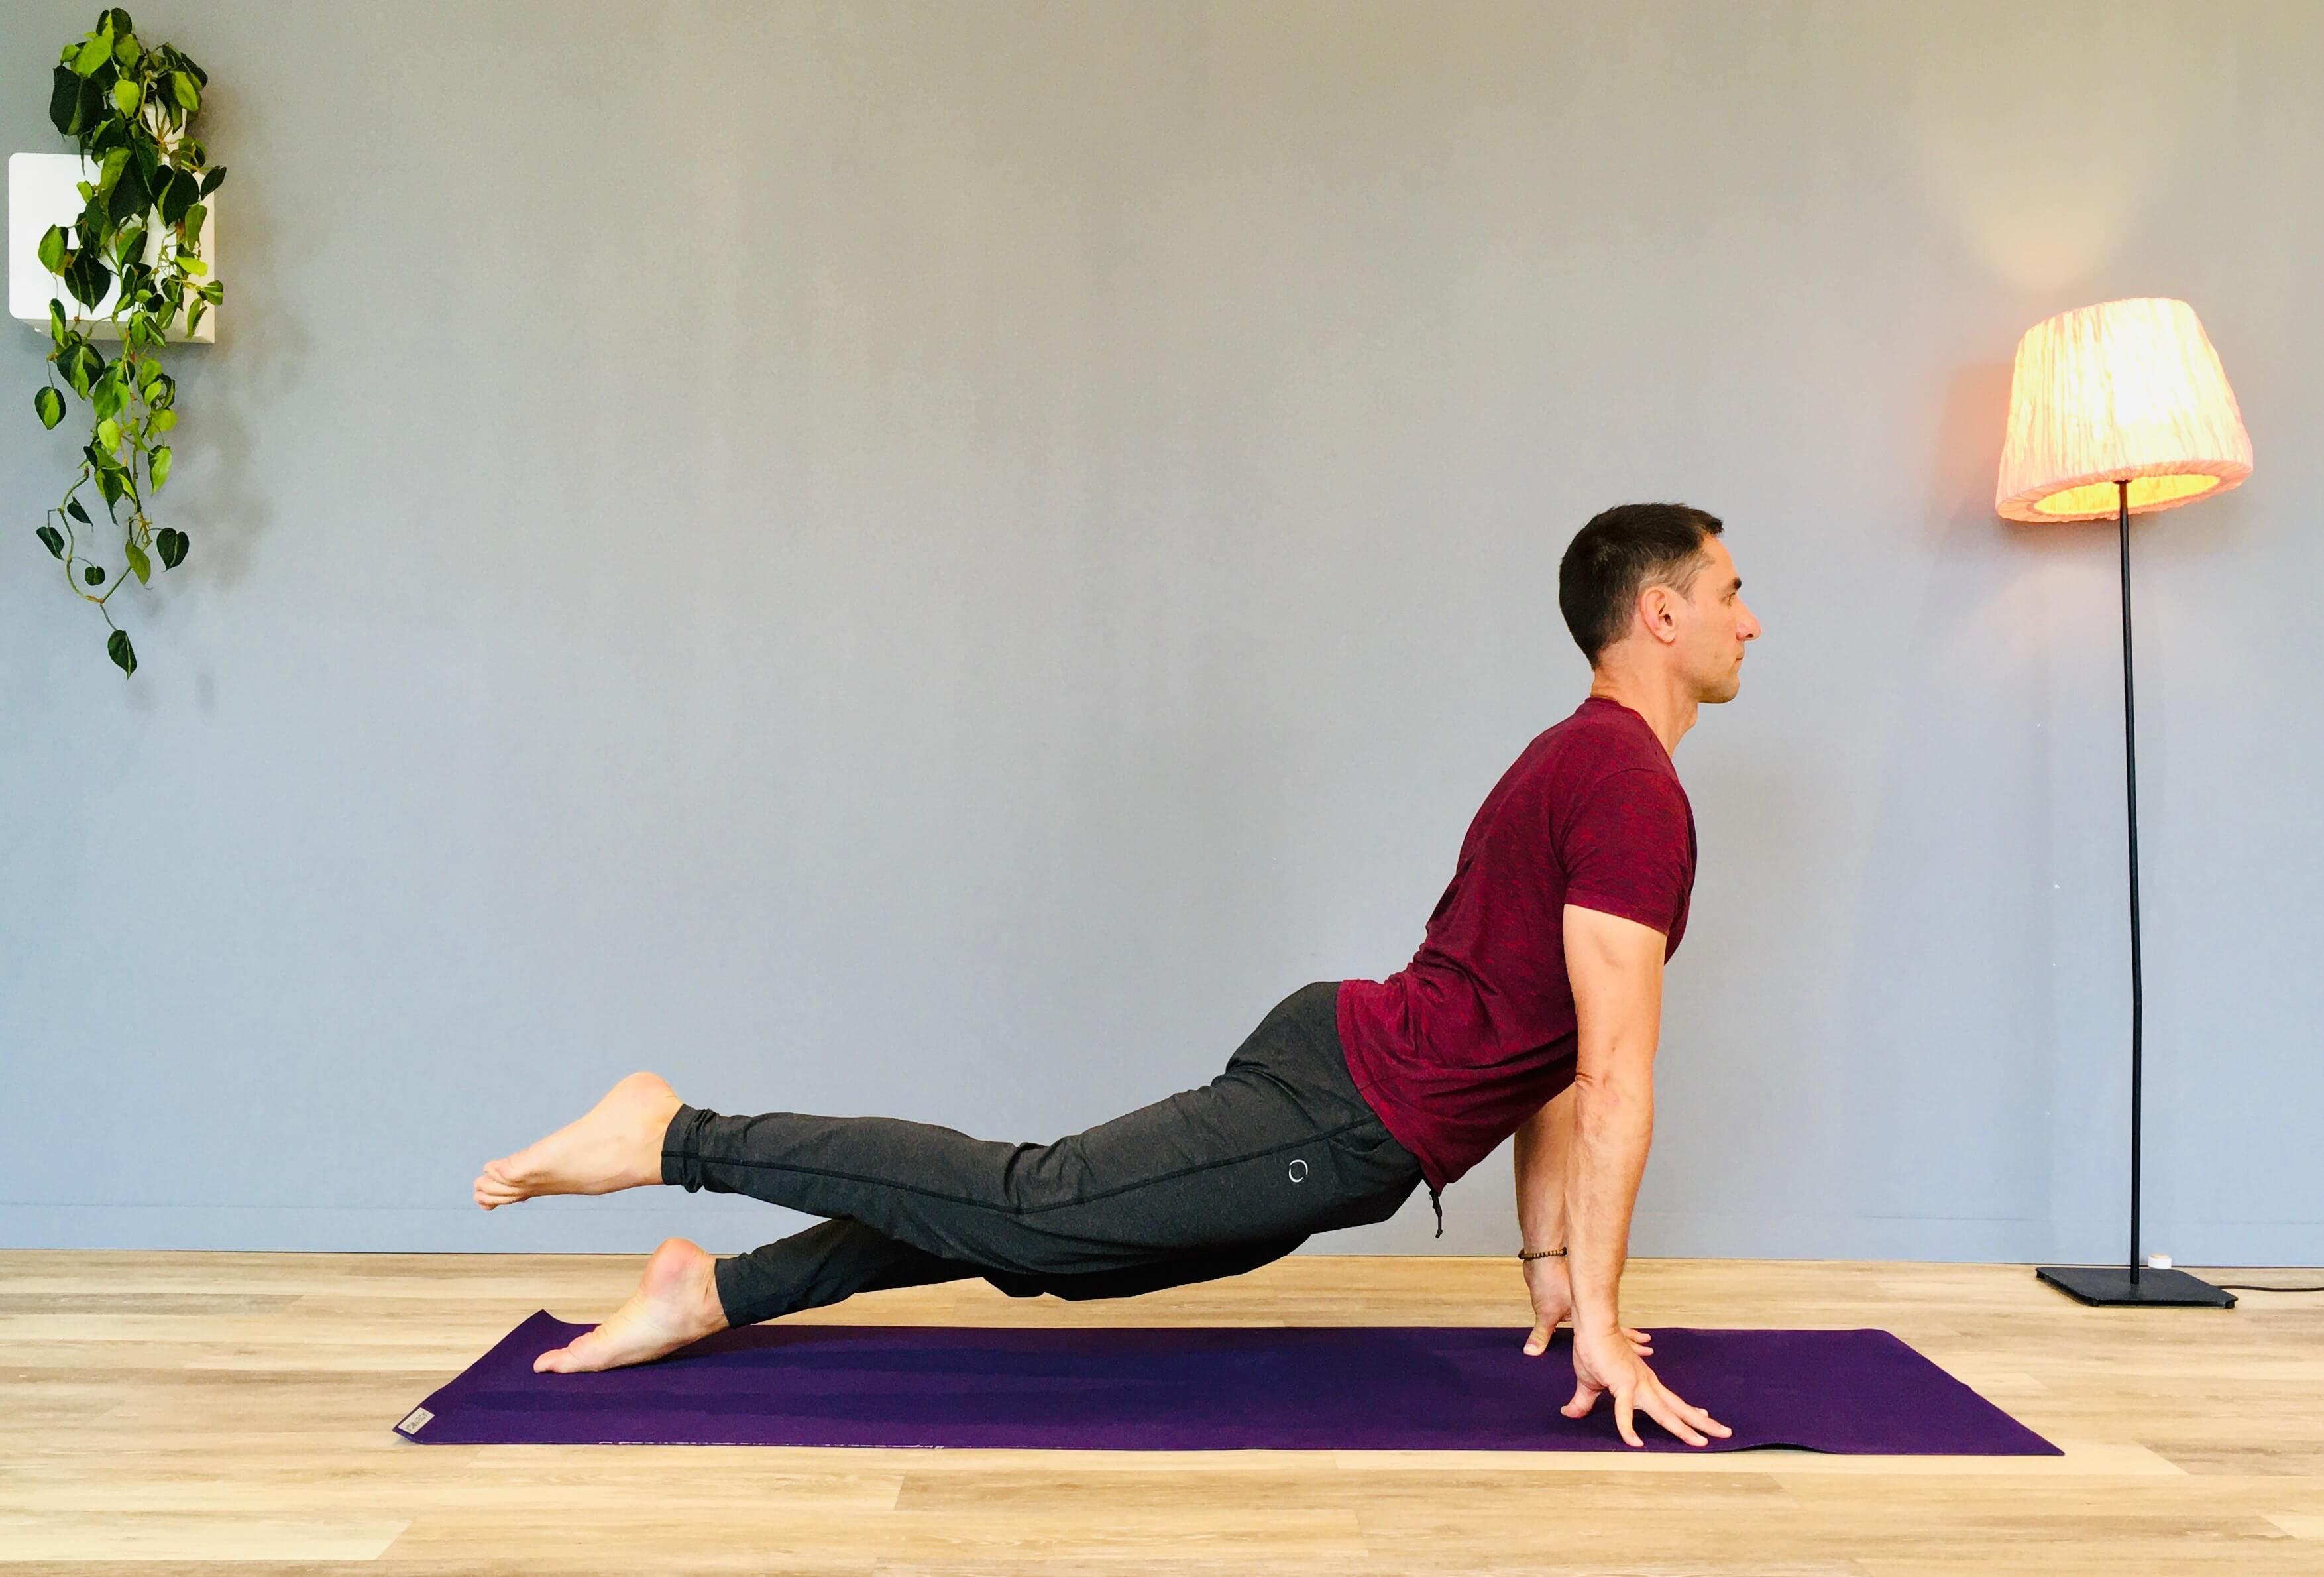 Satiam yoga à l'atelier du corps annecy